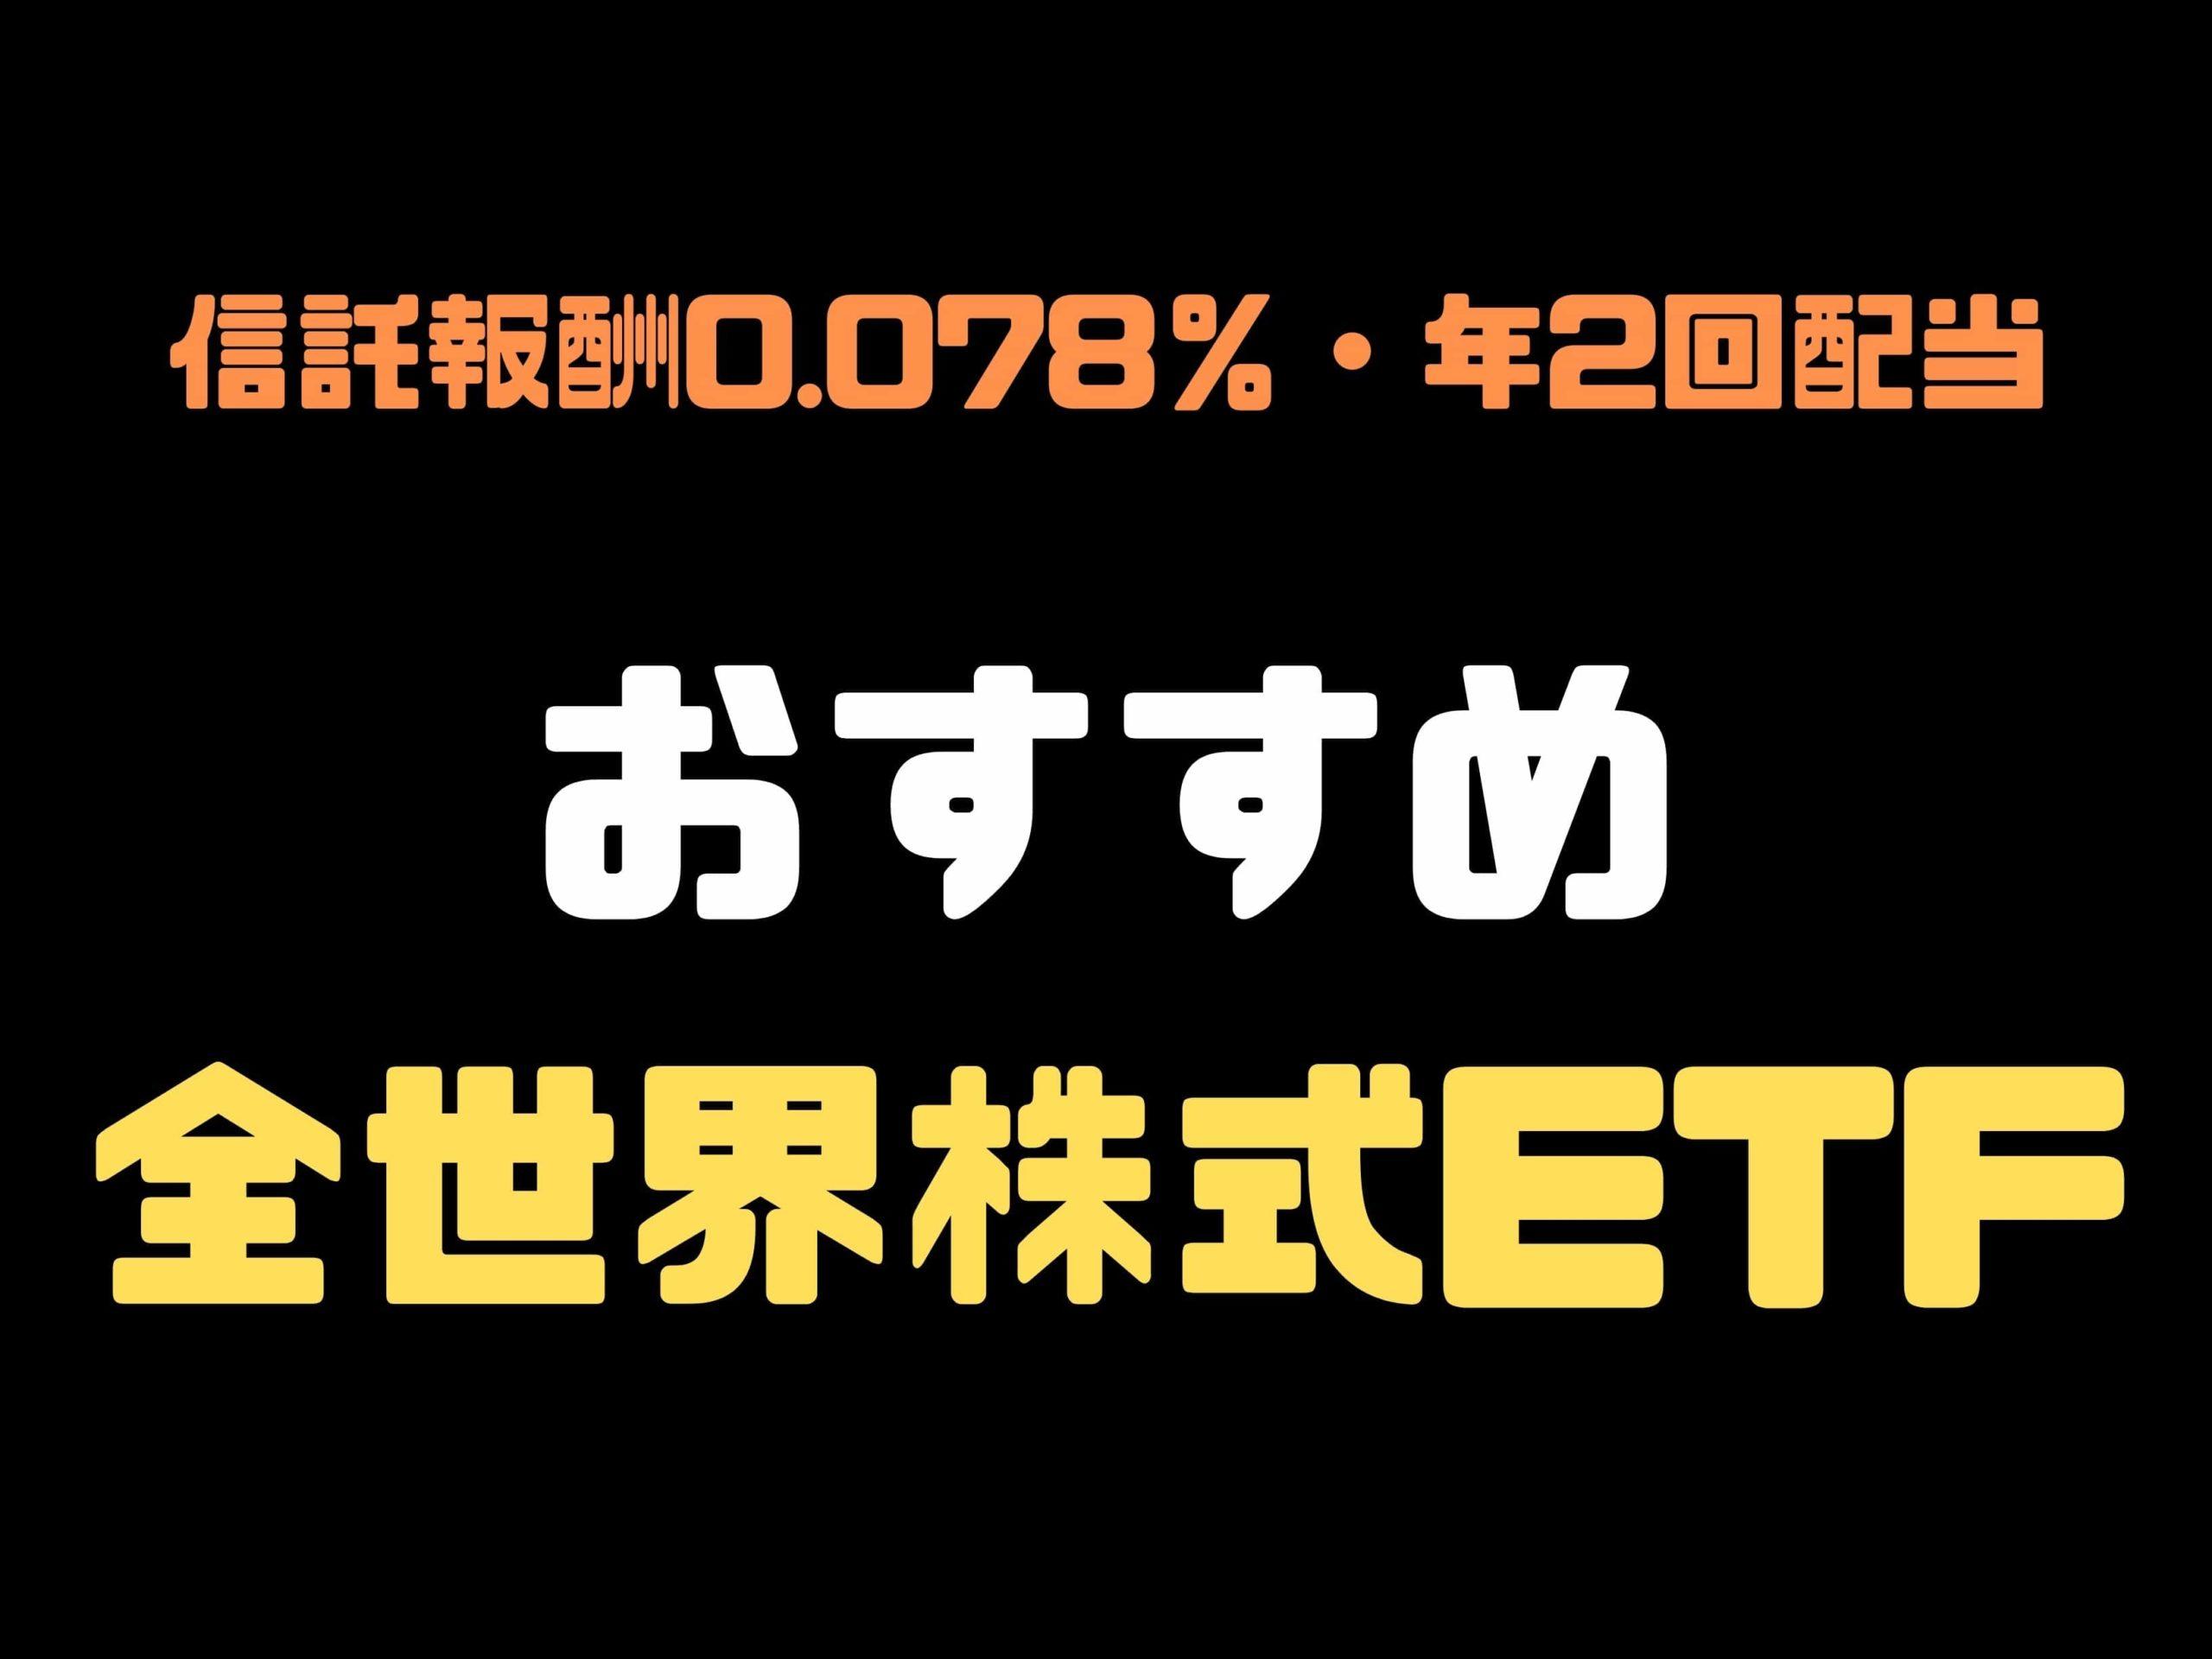 【おすすめETF】MXS全世界株式 (2559)信託報酬0.078%・年2回配当